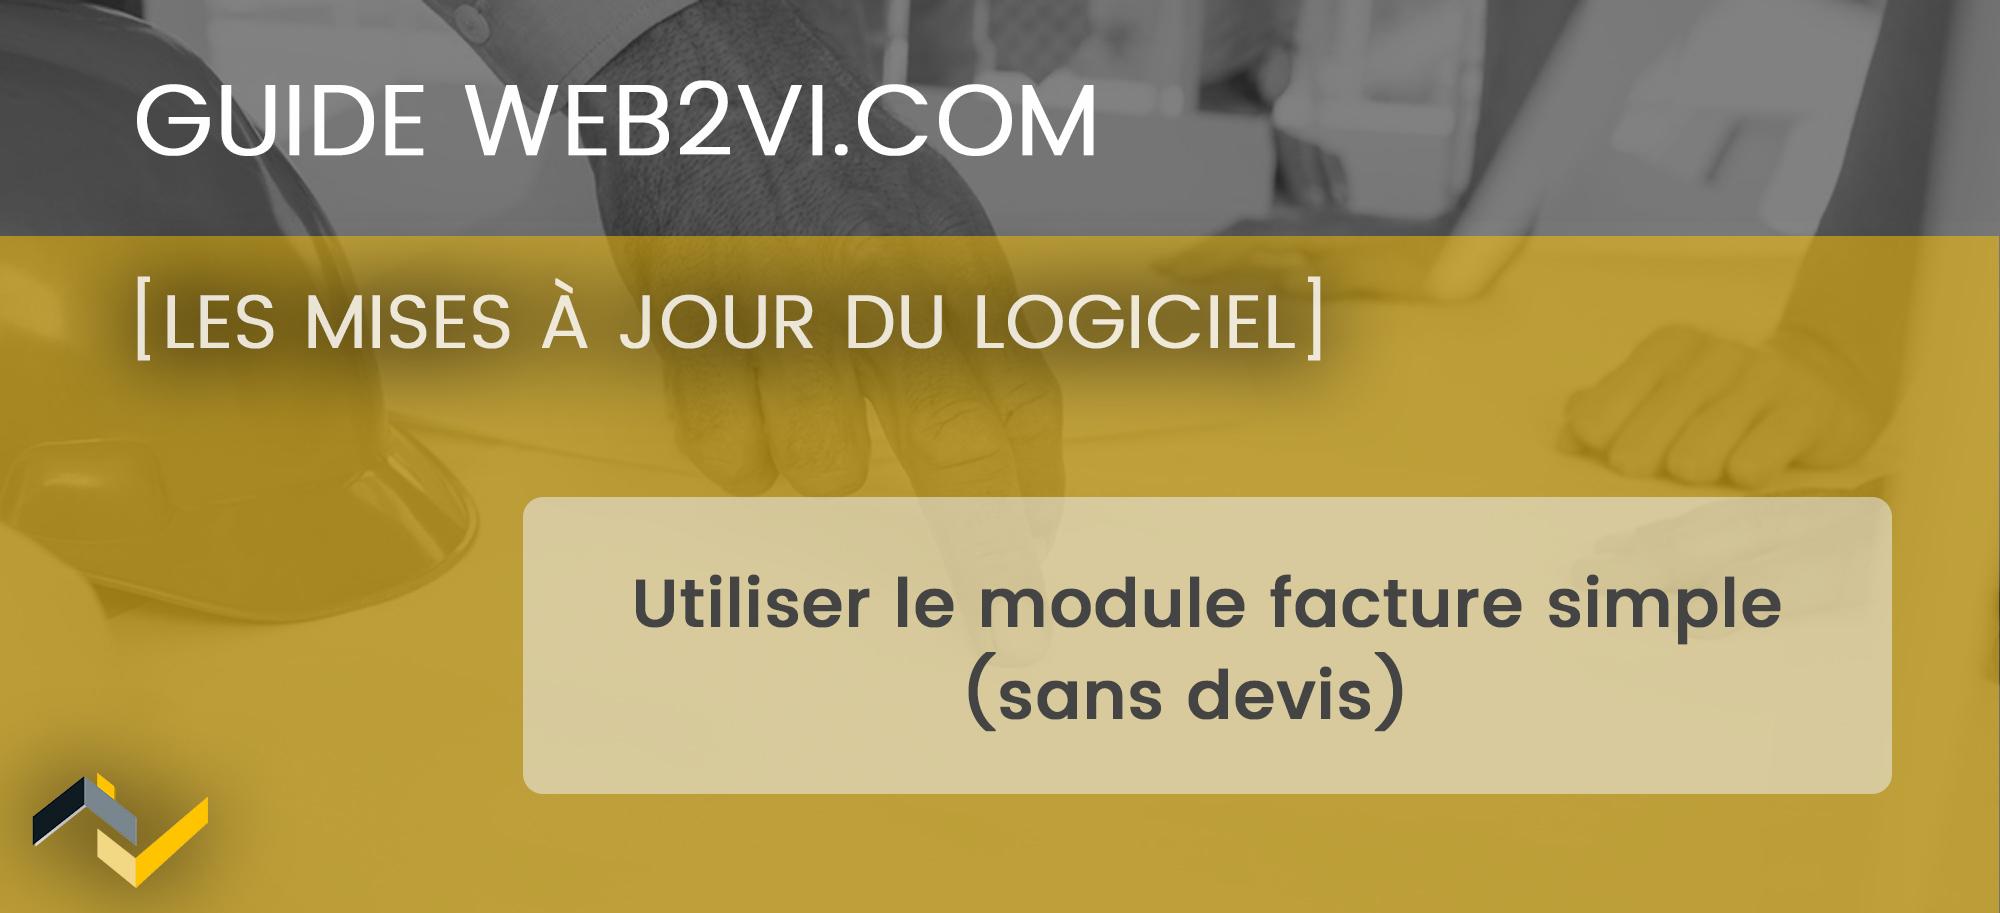 La facture simple sans devis dans le logiciel Web2vi